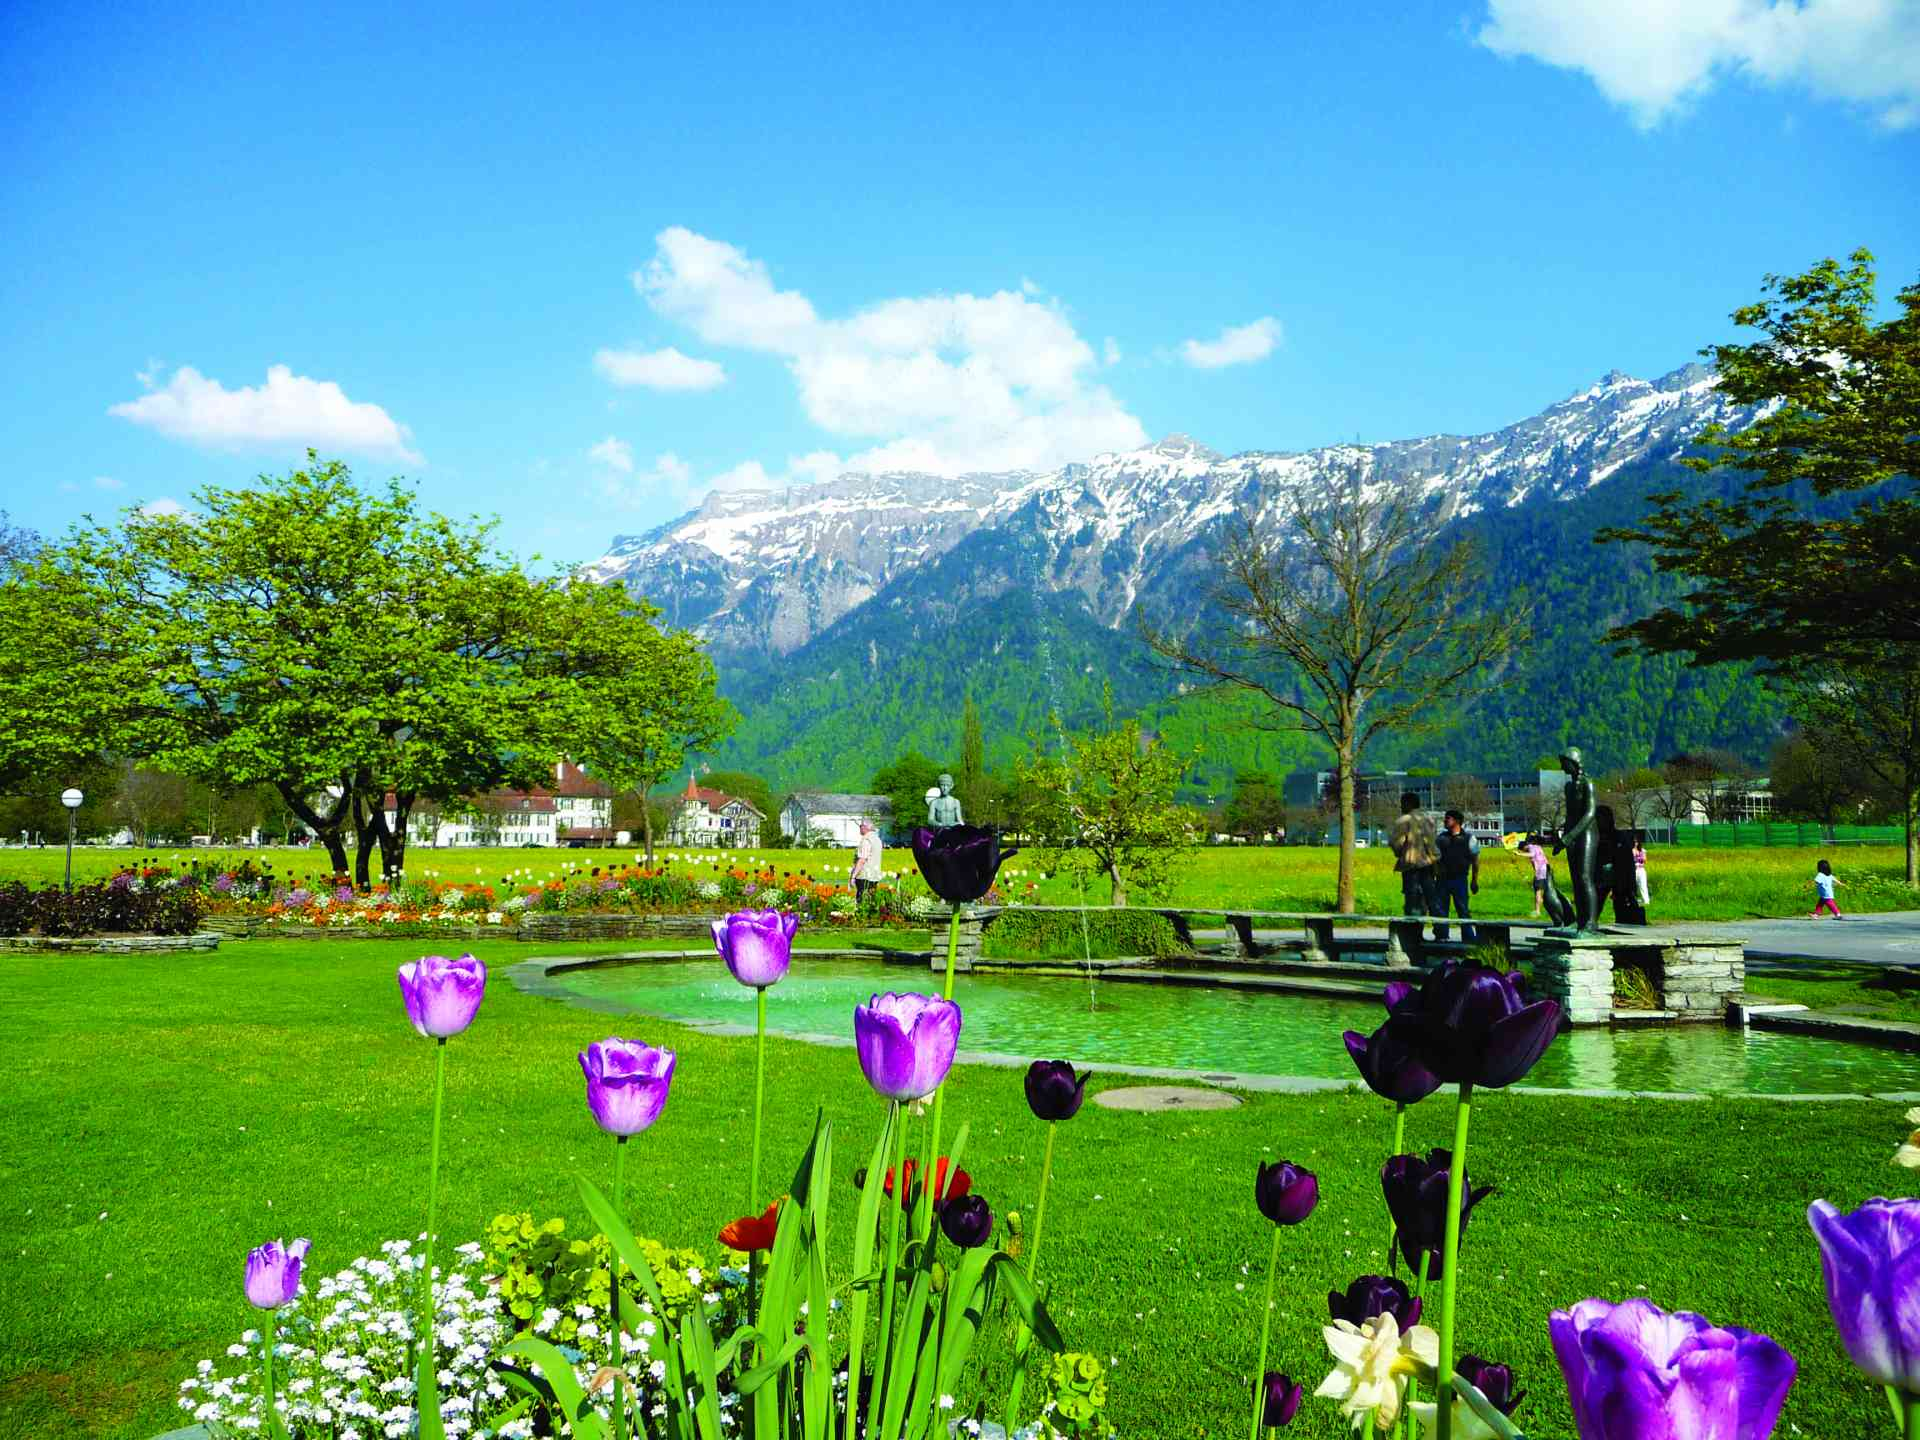 Interlaken, Switzerland by Dennis Bunnik